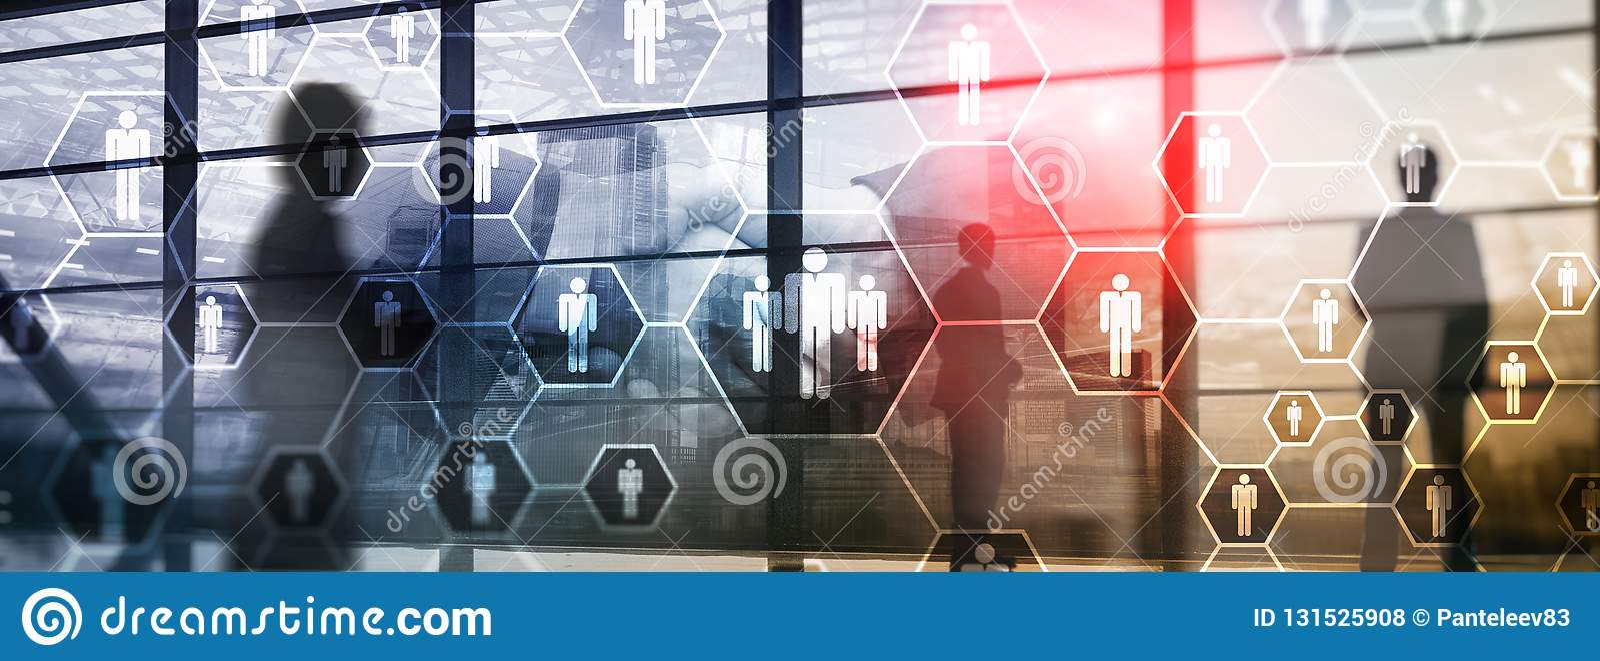 Timme, personalresurs-, rekrytering-, organisationsstruktur och socialt nätverksbegrepp